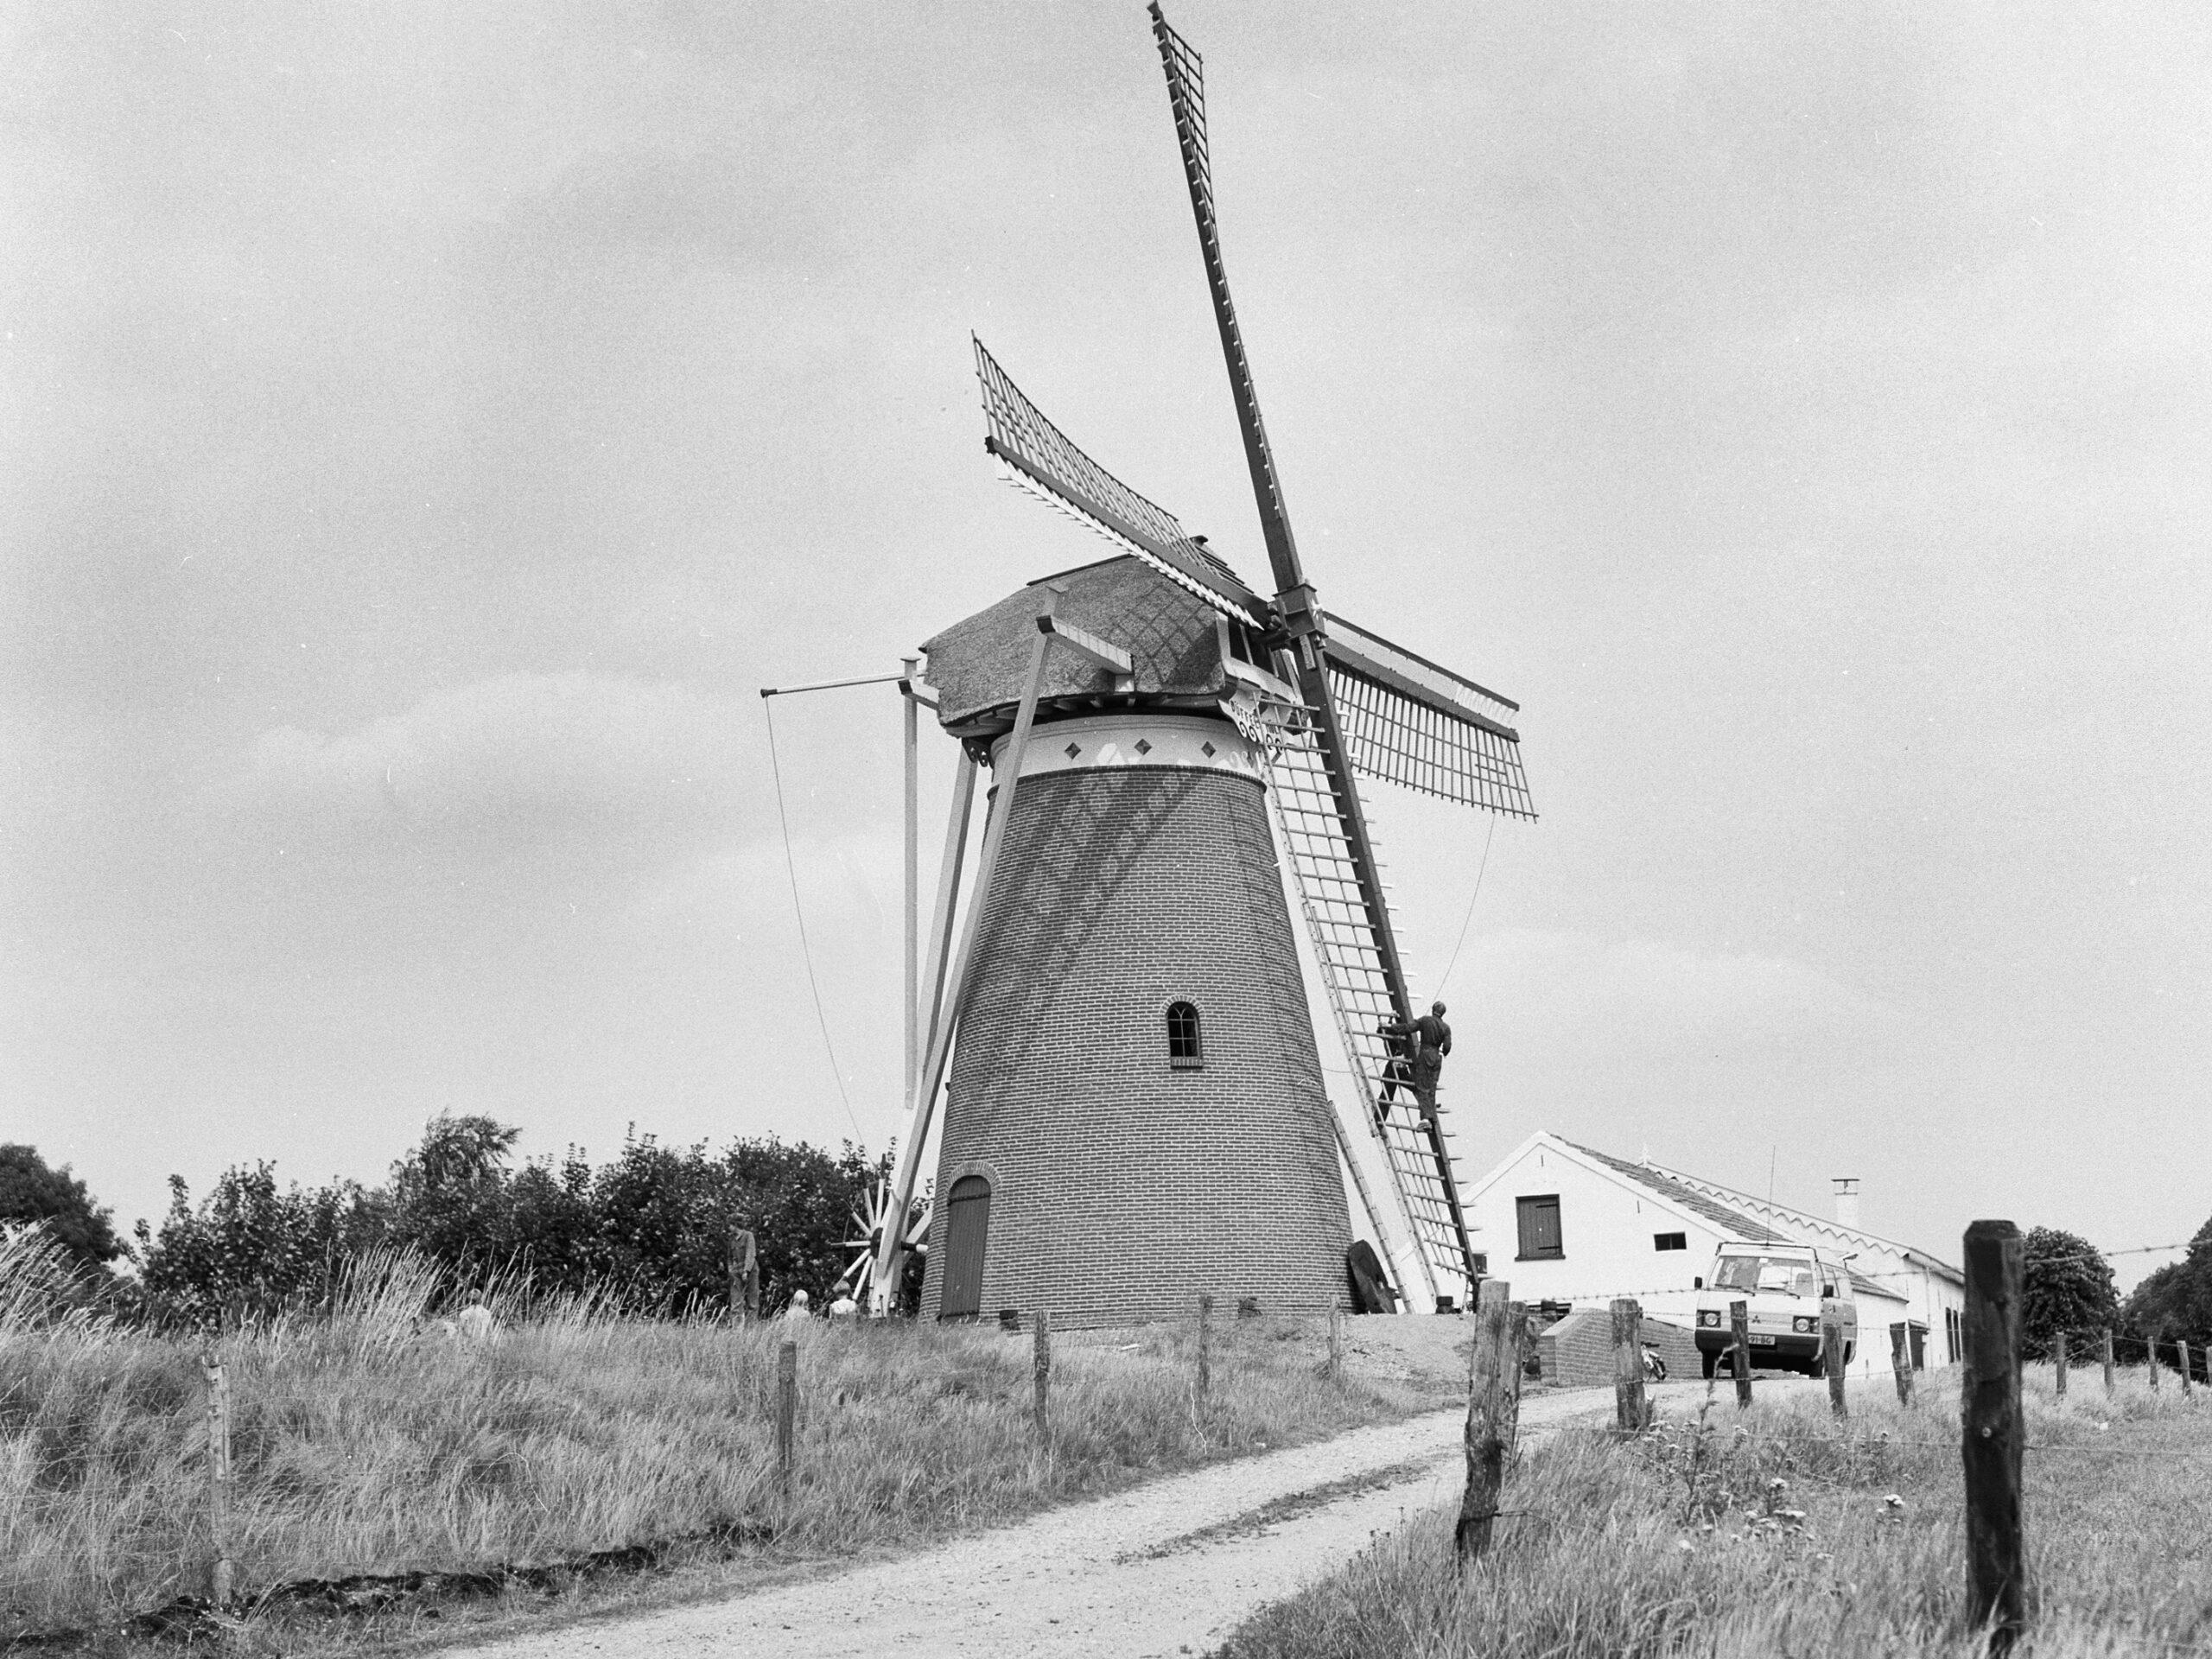 Molen Rijksdienst Cultureel Voor Erfgoed